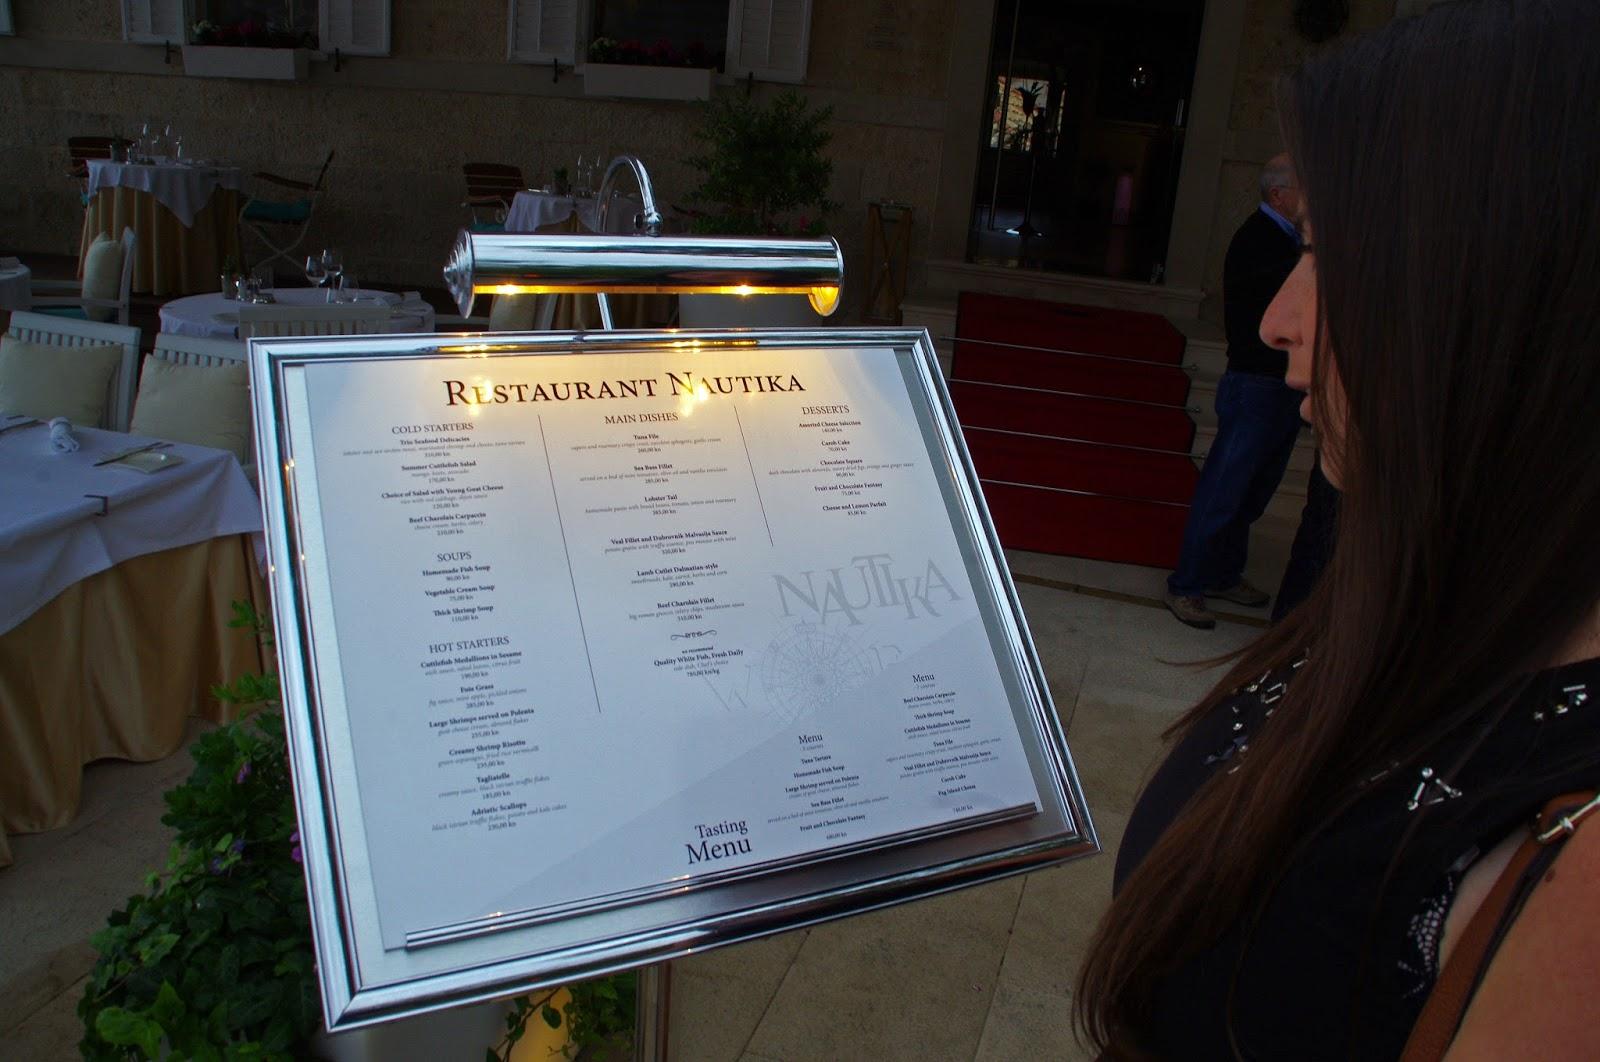 Looking at menu for Nautika Restaurant Dubrovnik